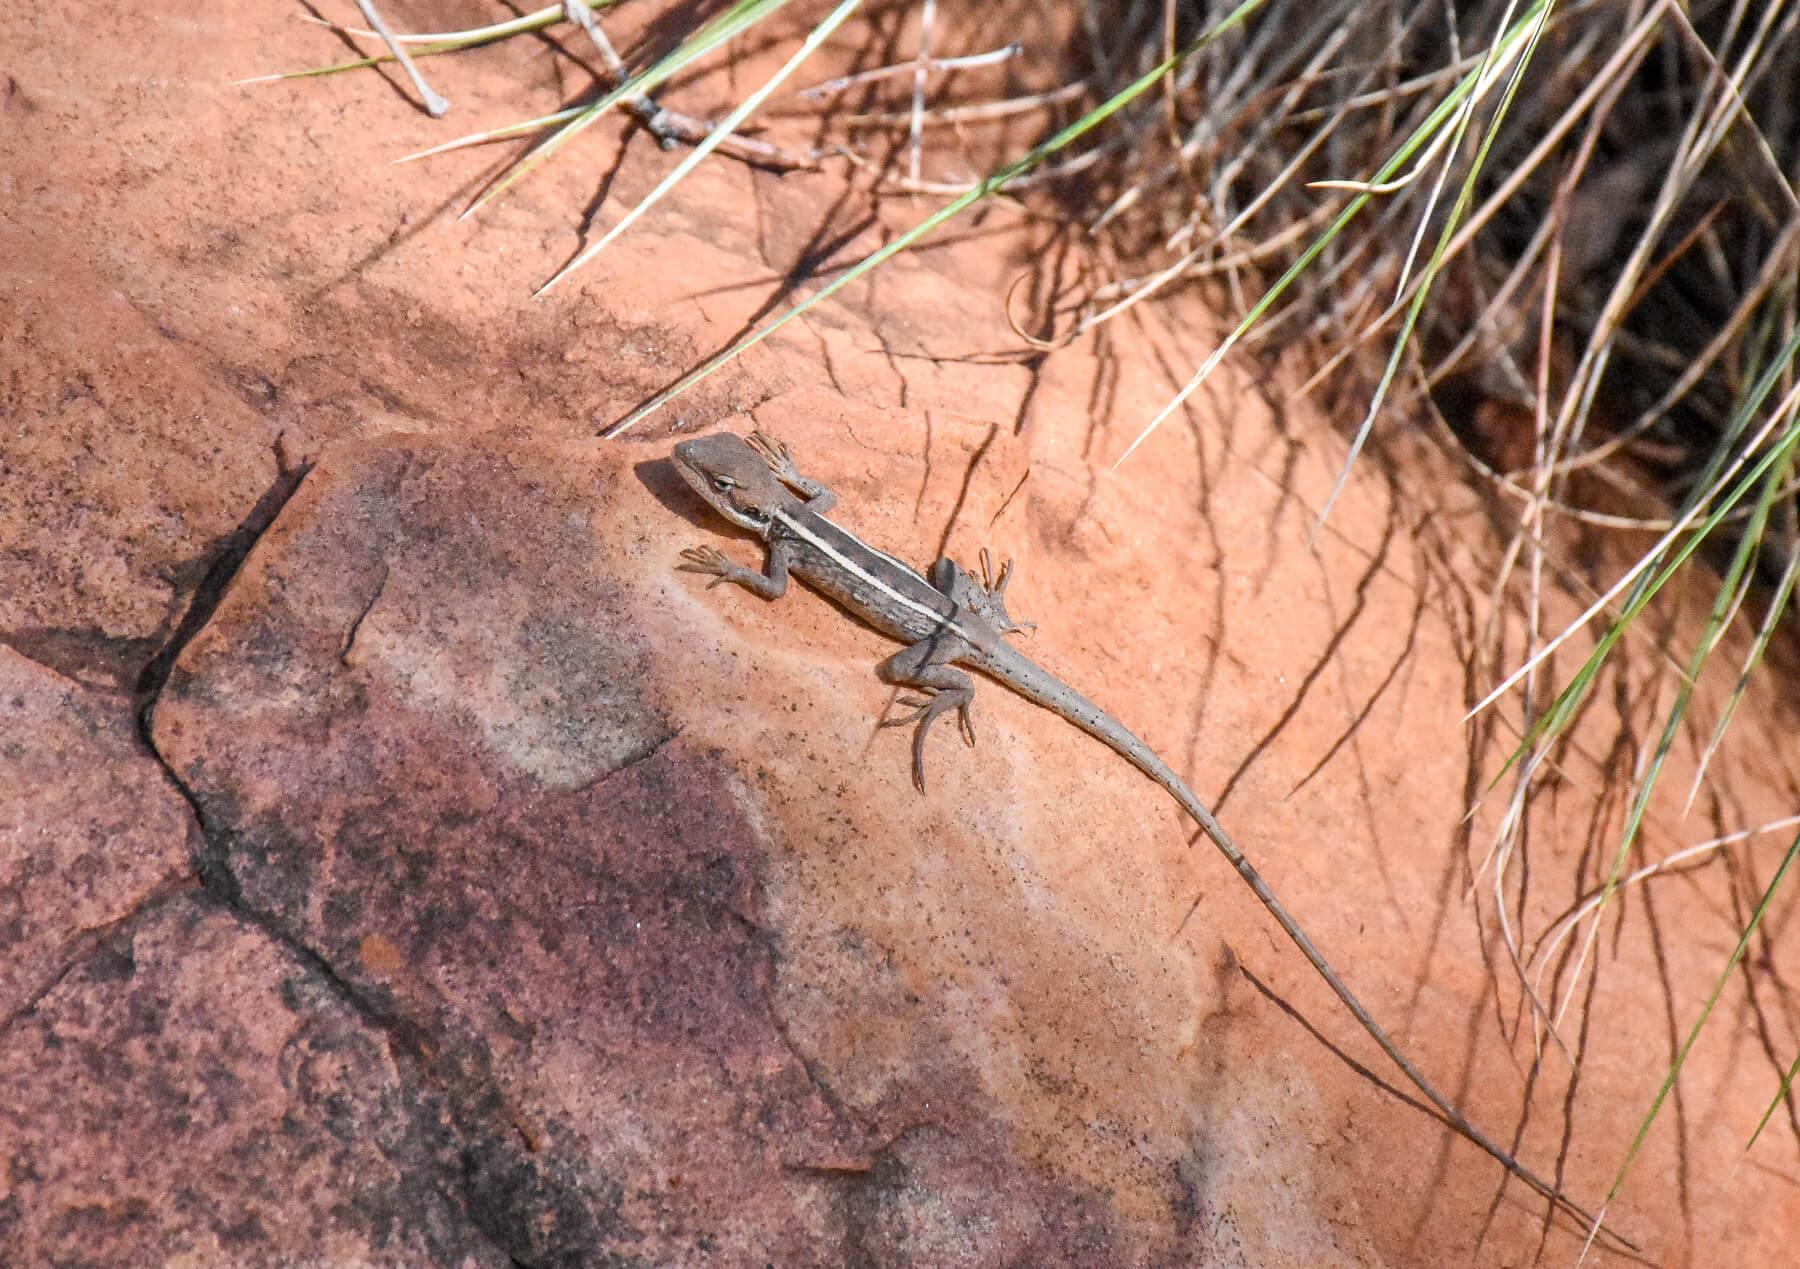 Small lizard sunbathing on a rock